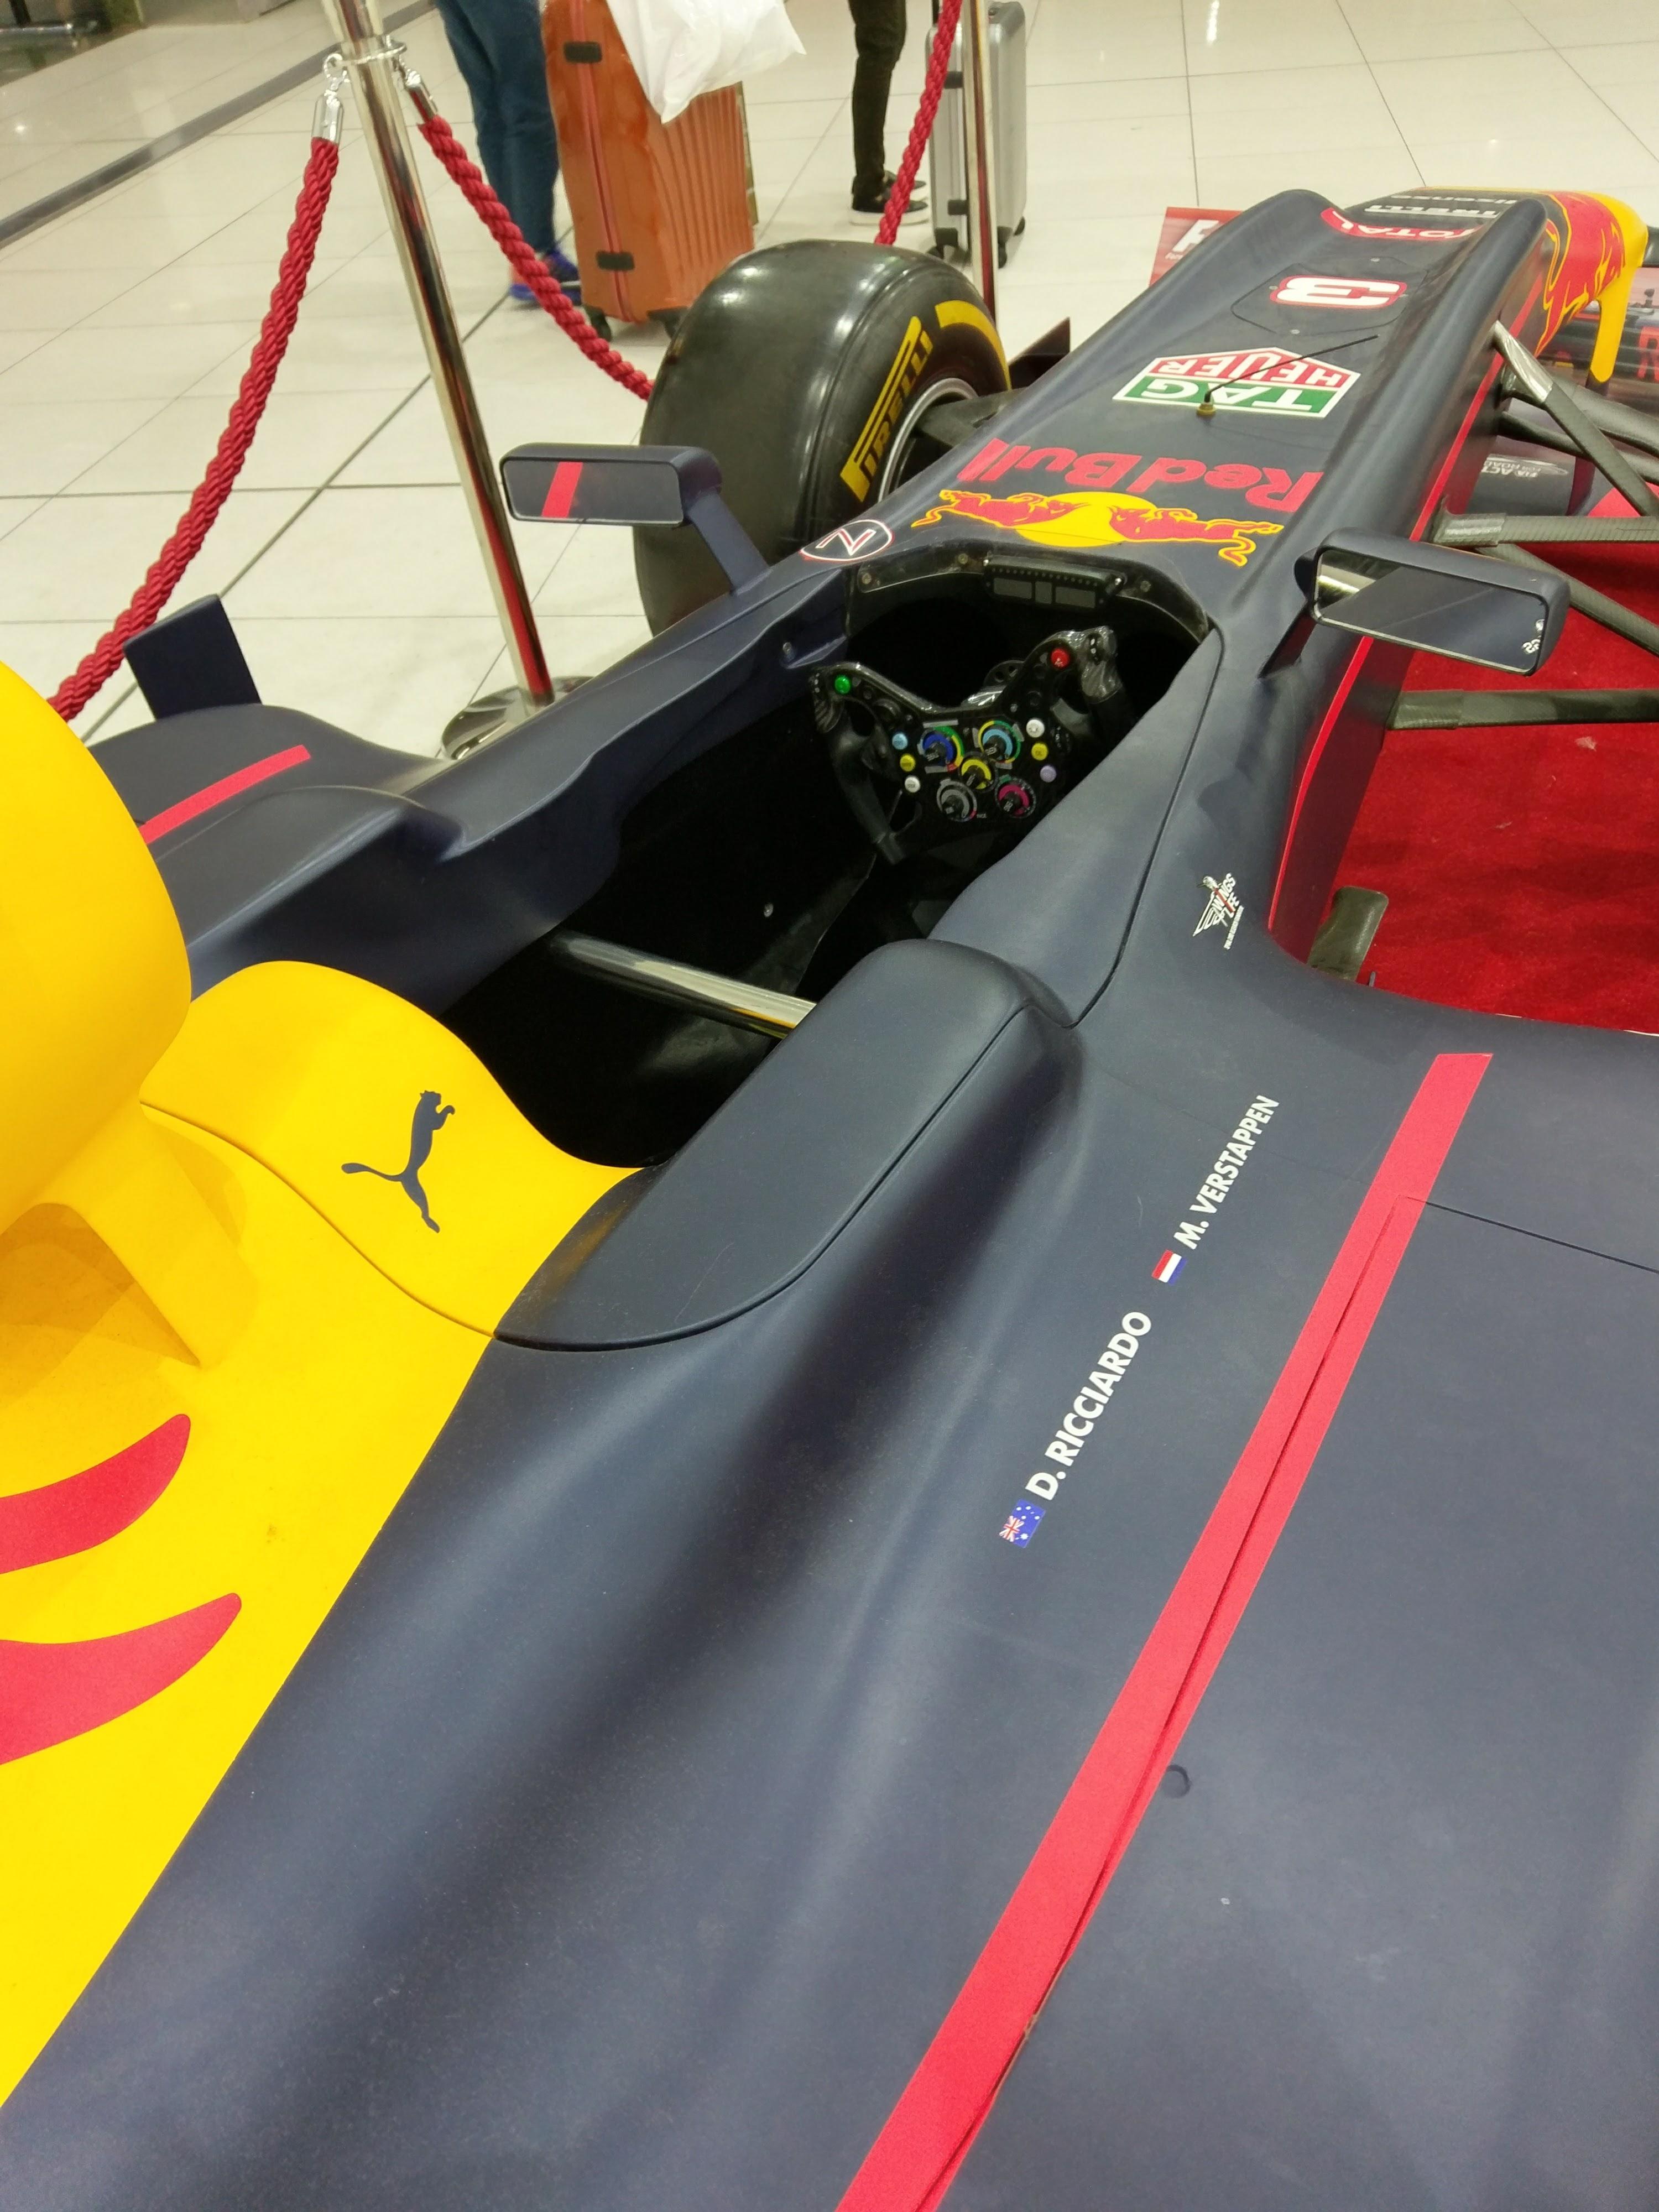 aerop-redbull-soymotor.jpg